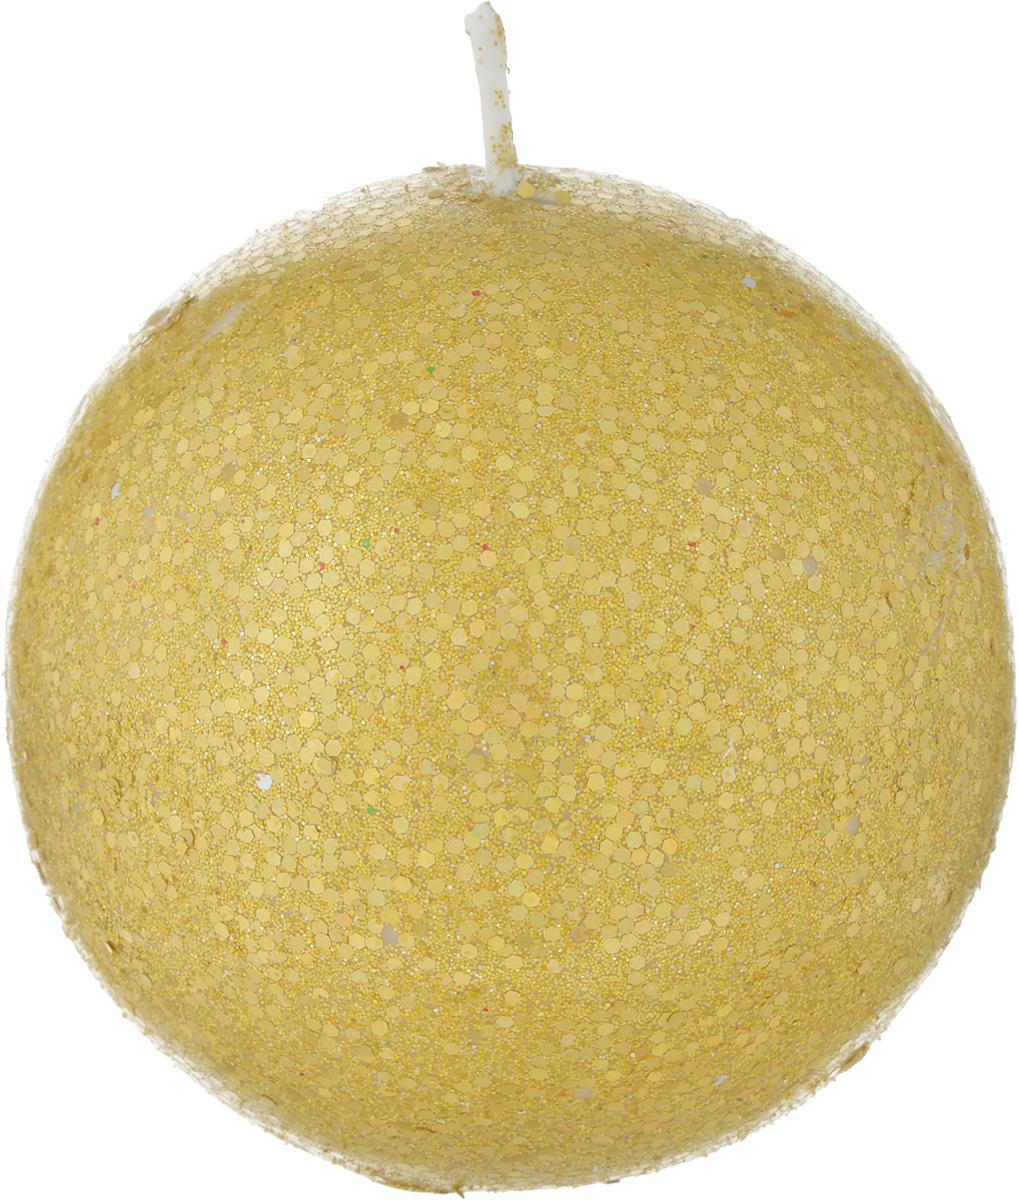 Свеча-шар B&H, с блестками, цвет: золотой, диаметр 6,3 смBH1038_ золотойСвеча-шар изготовлена из парафина и декорирована блестками. Такая свечастанет изысканным украшением интерьера. Она принесет в ваш дом волшебство иощущение праздника. Создайте в своем доме атмосферу веселья и радости, итогда самый обычный день с легкостью превратится в торжество.Свеча упакована в золотой поддон.